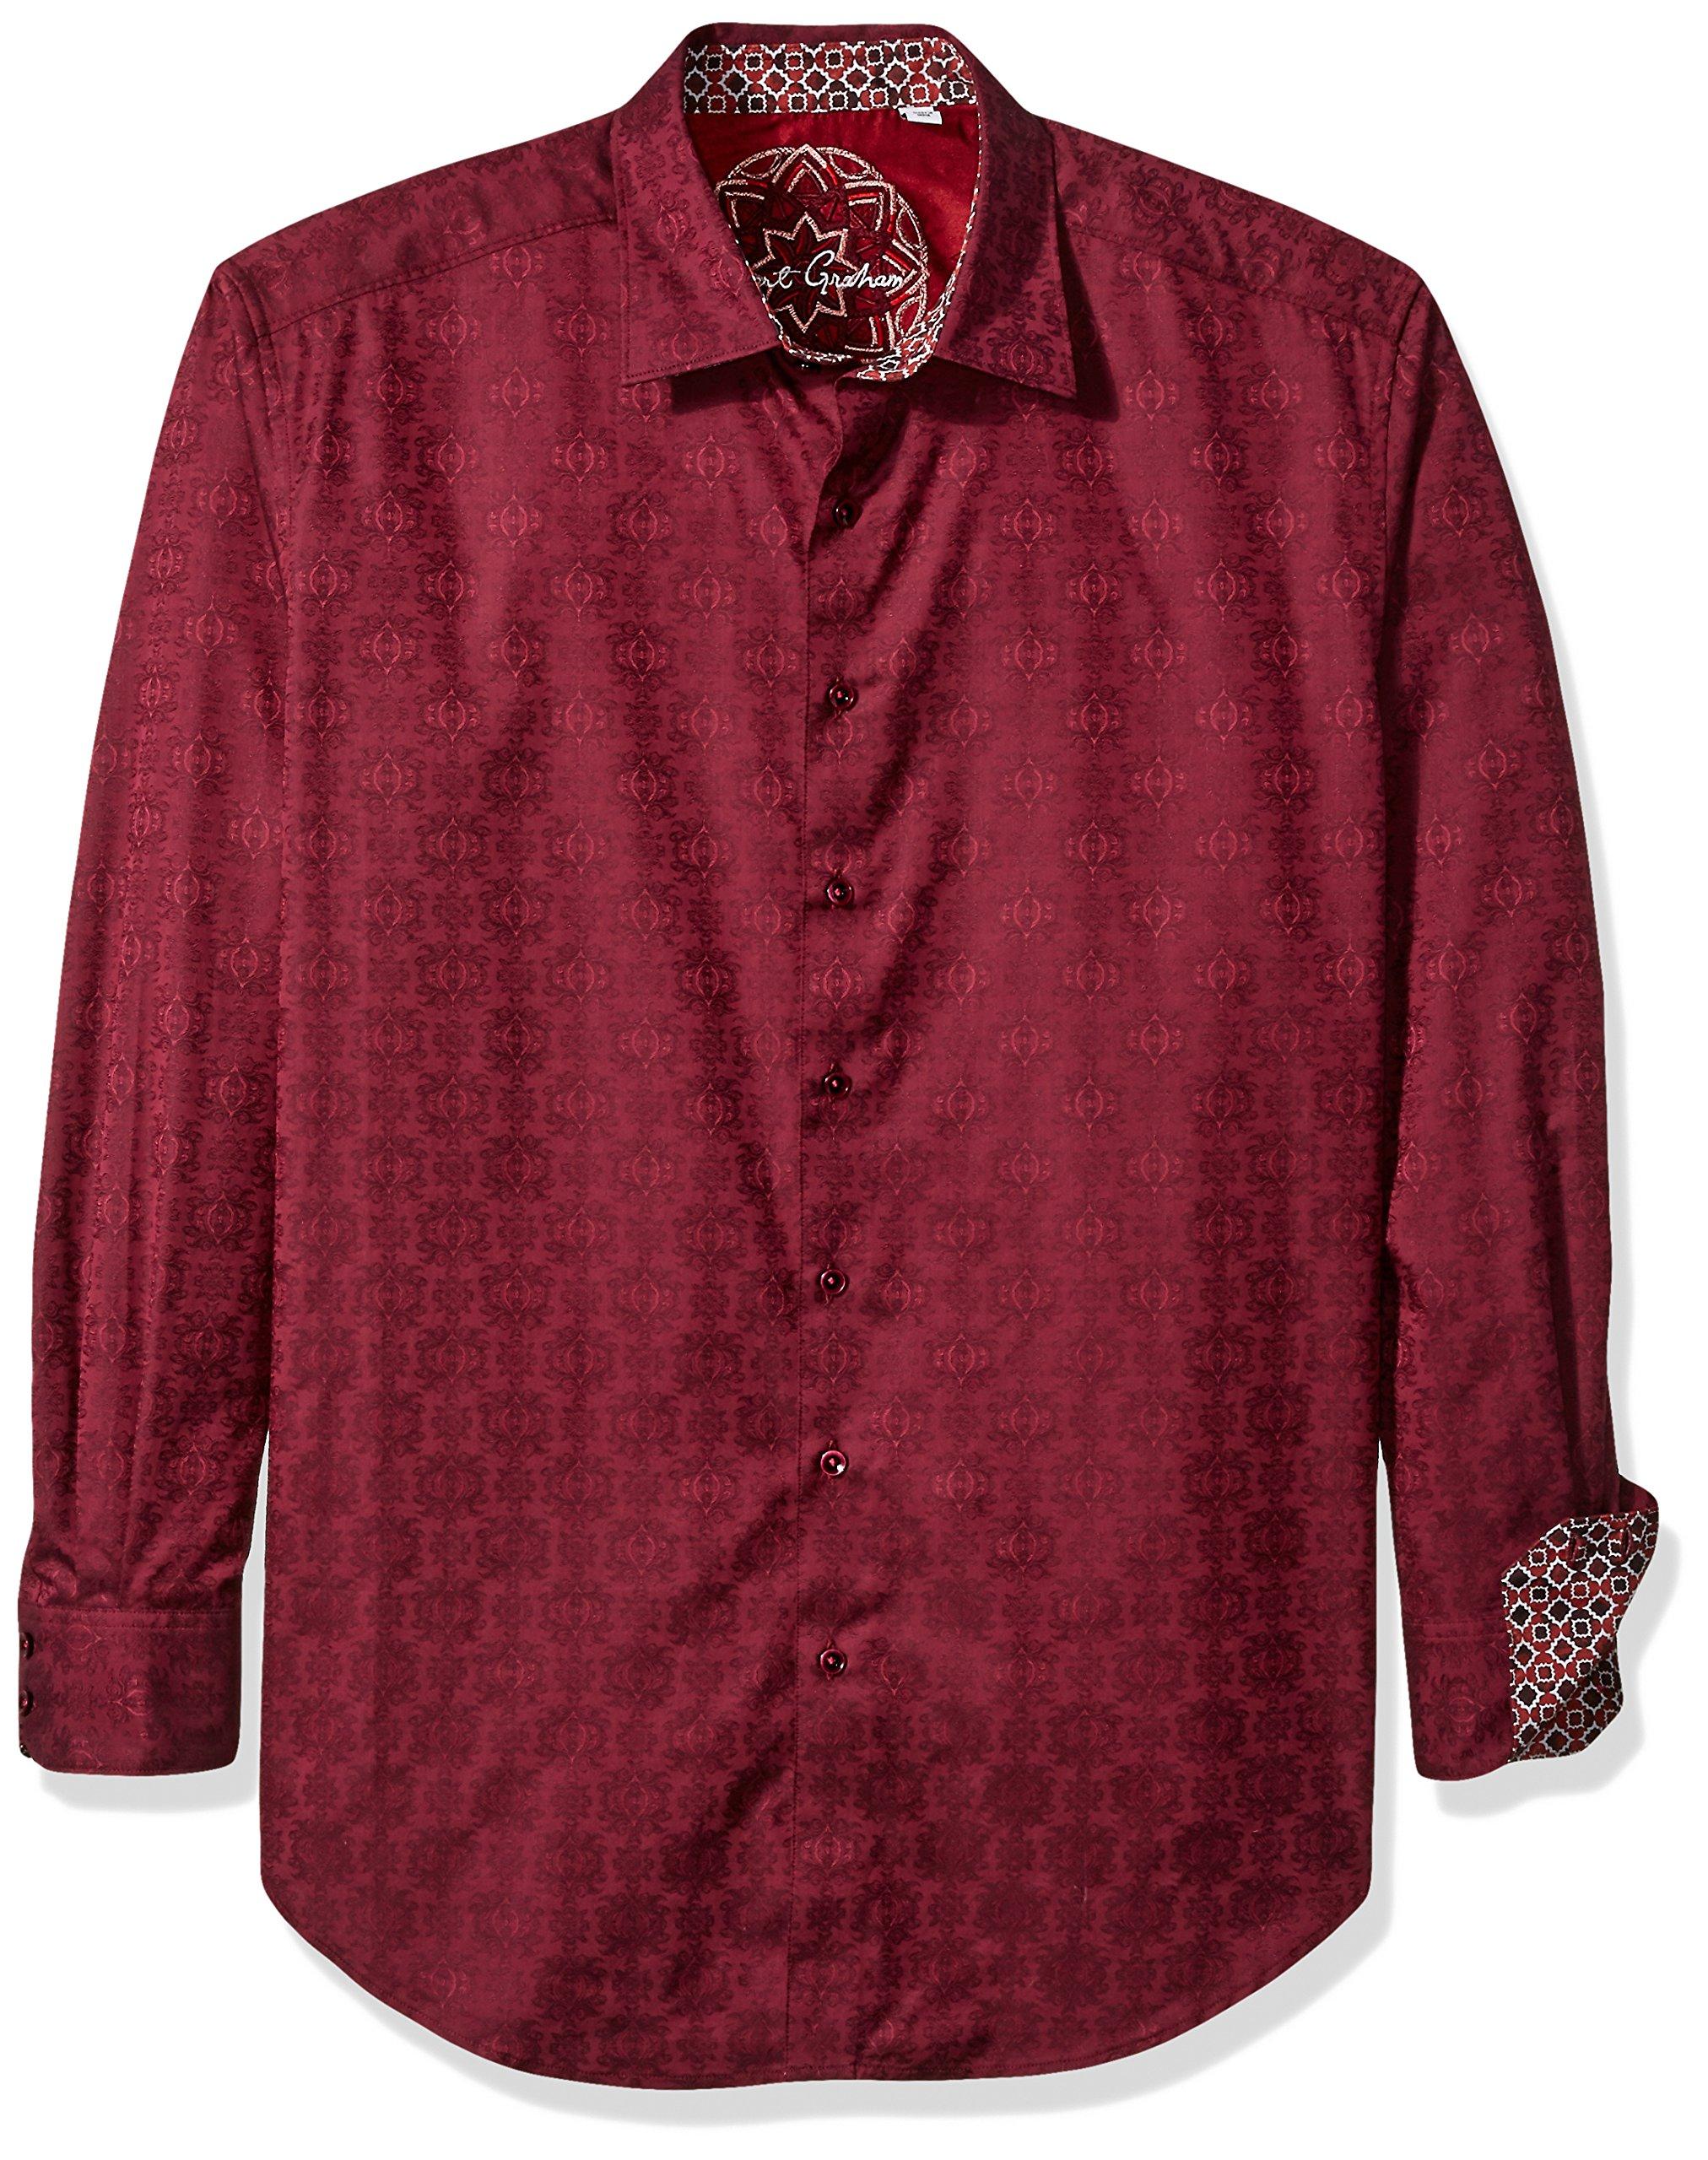 Robert Graham Men's Cullen L/s Classic Fit Shirt, Wine 2XL